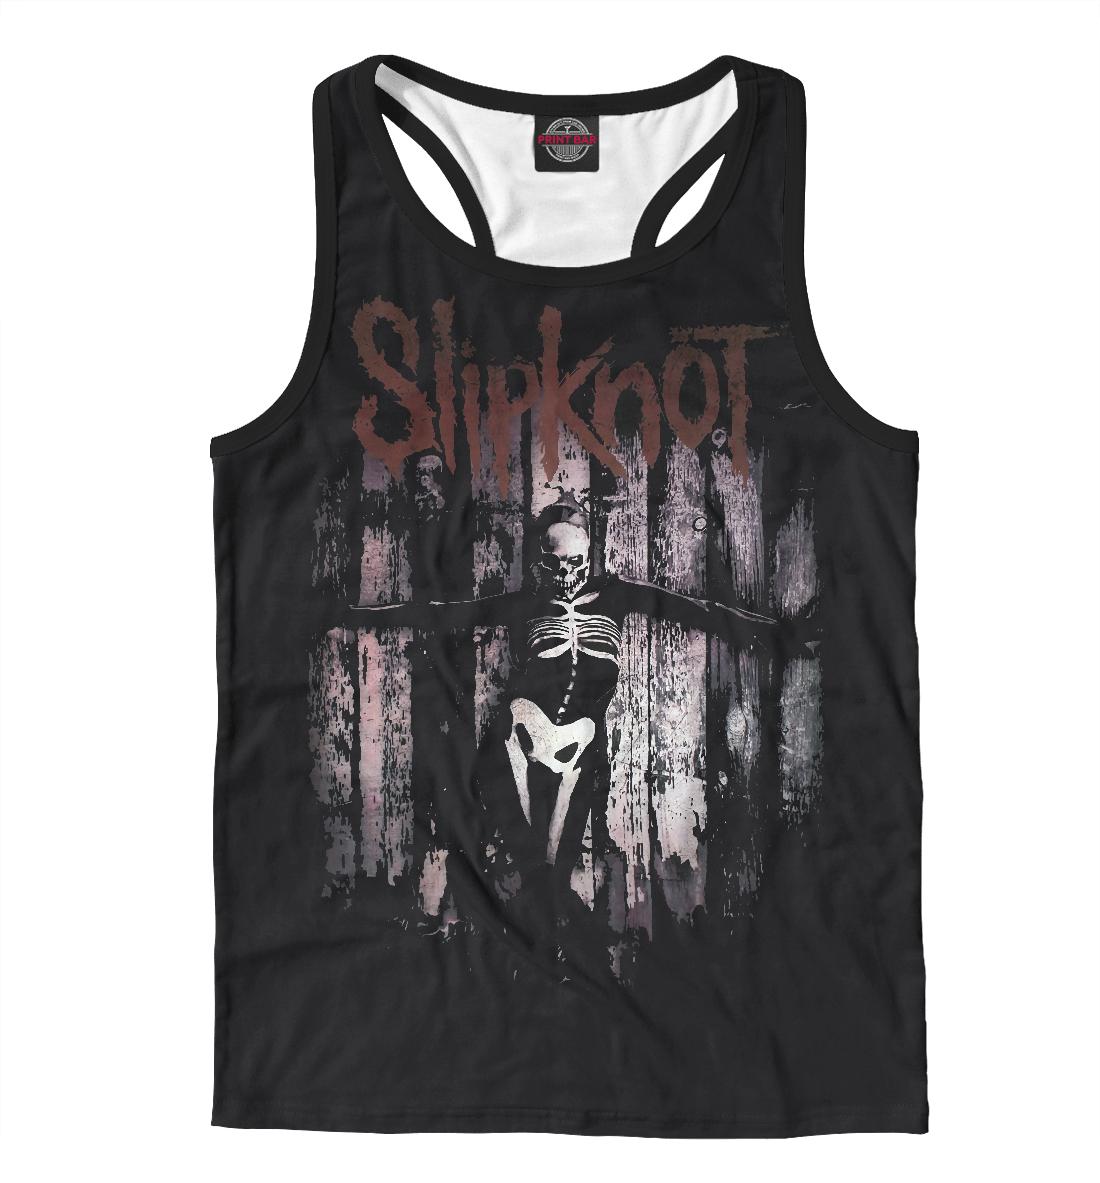 Купить Slipknot, Printbar, Майки борцовки, SLI-141689-mayb-2